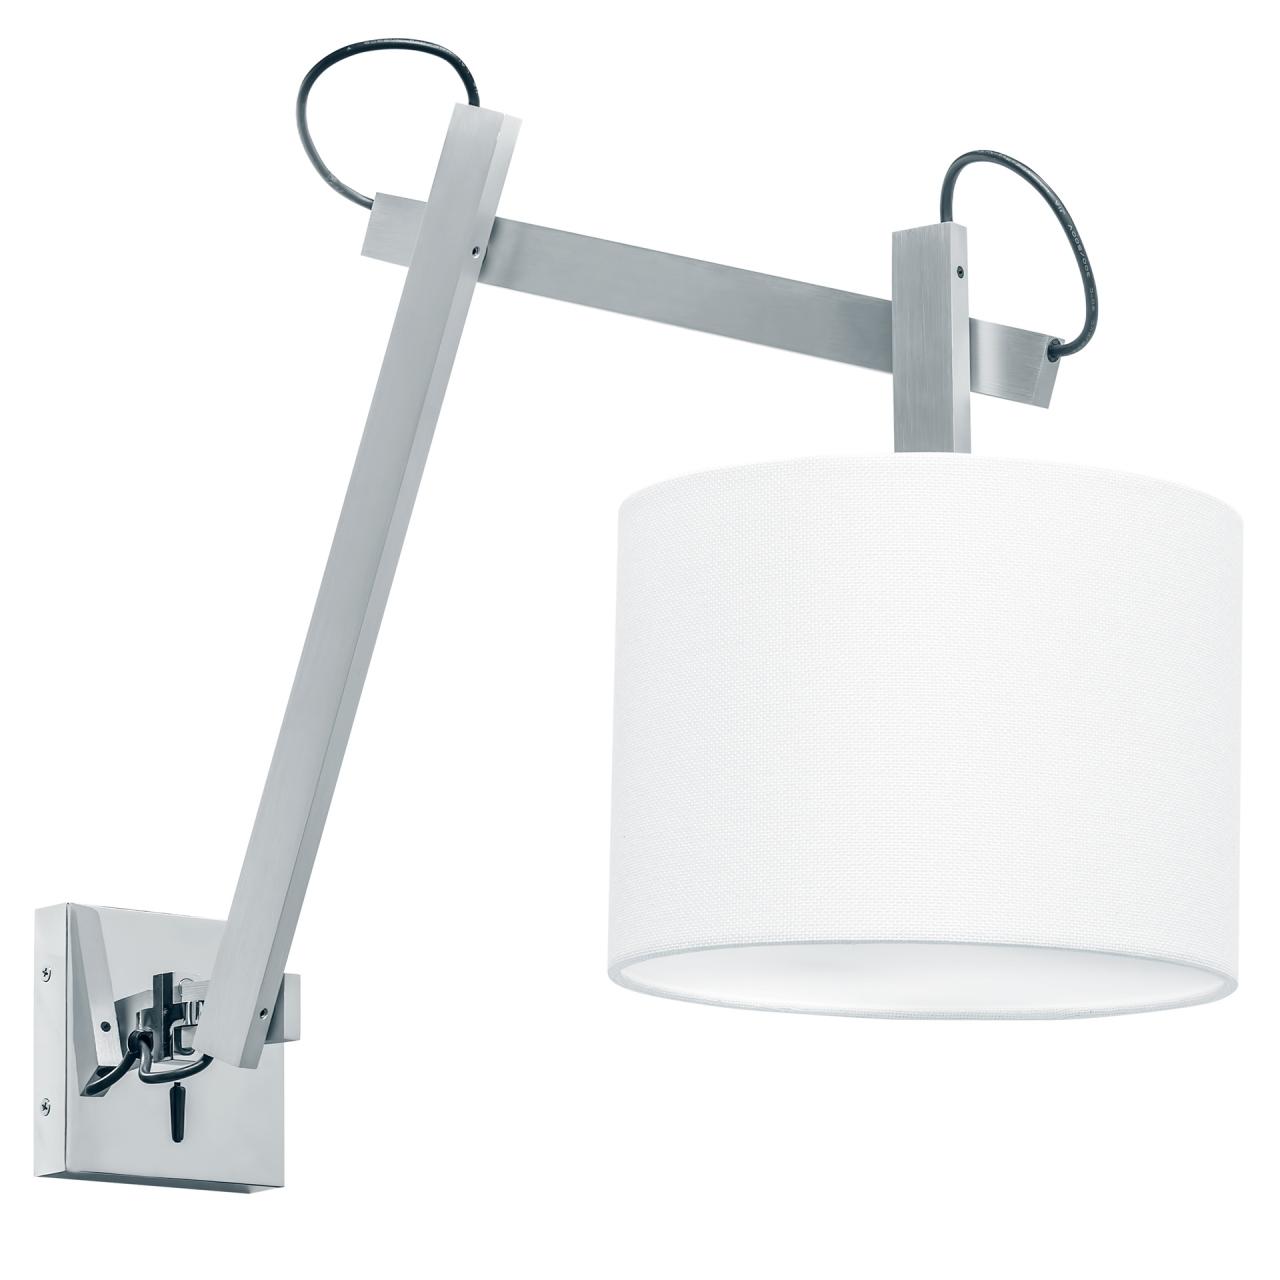 Бра MECCANO 1х60W E27 хром / белый ткань Lightstar 766619, купить с доставкой в интернет-магазине, Санкт-Петербург, бесплатная доставка по СПб